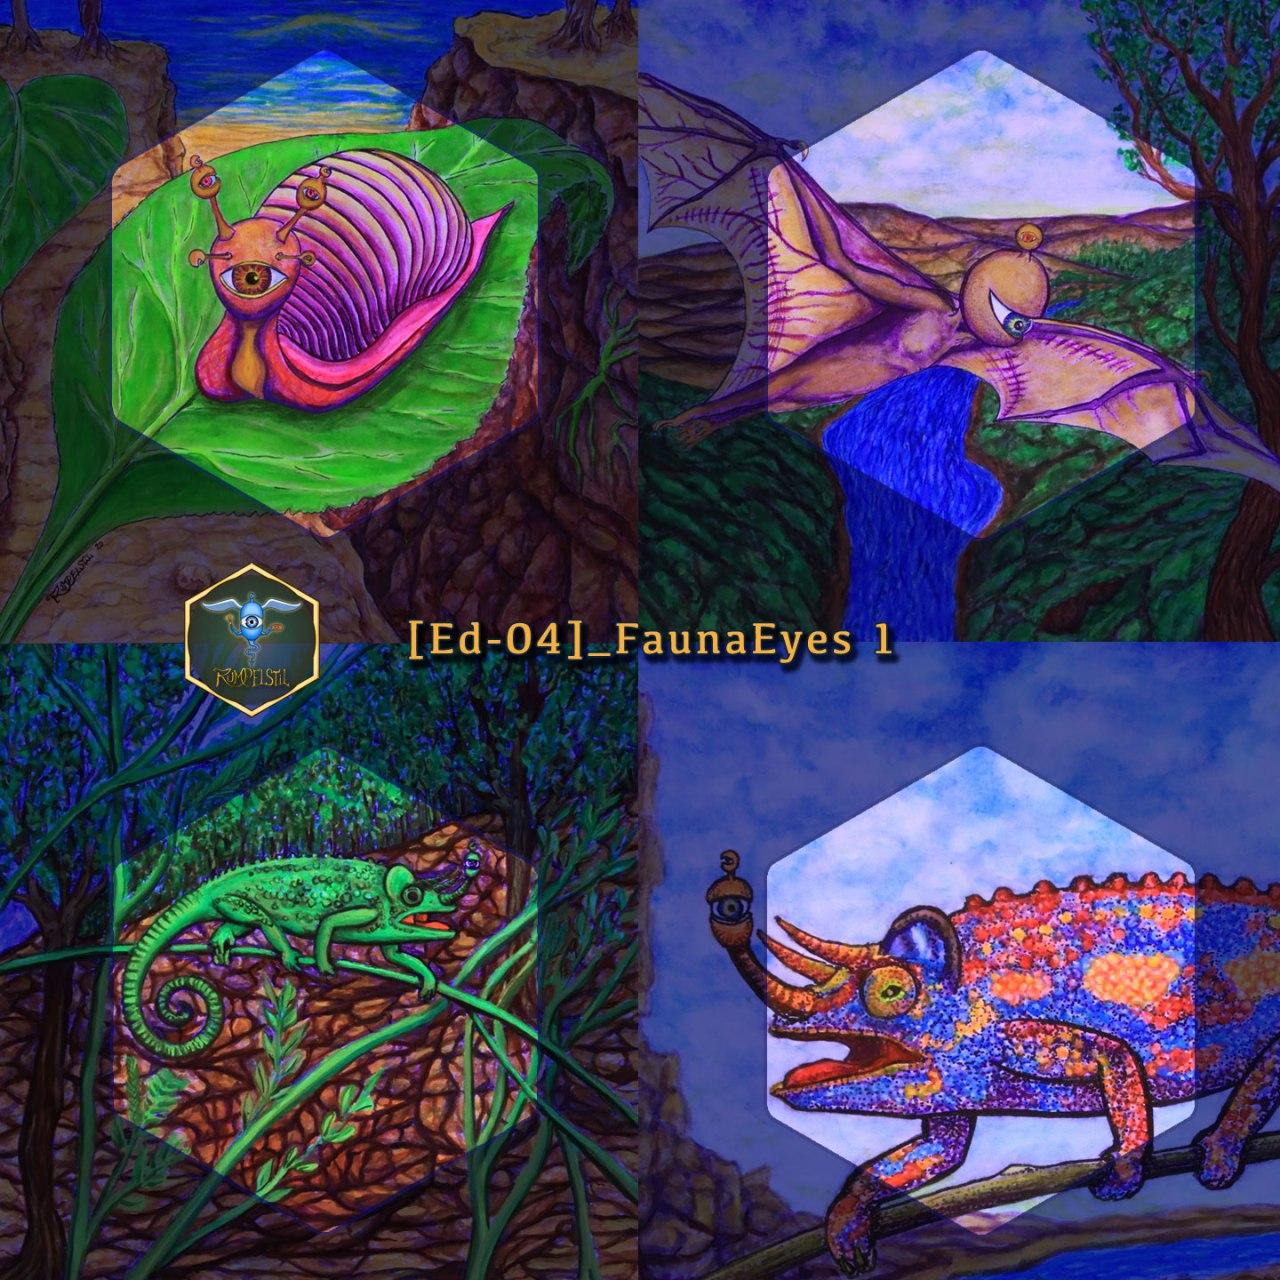 [Ed-04]_Fauna Eyes 1